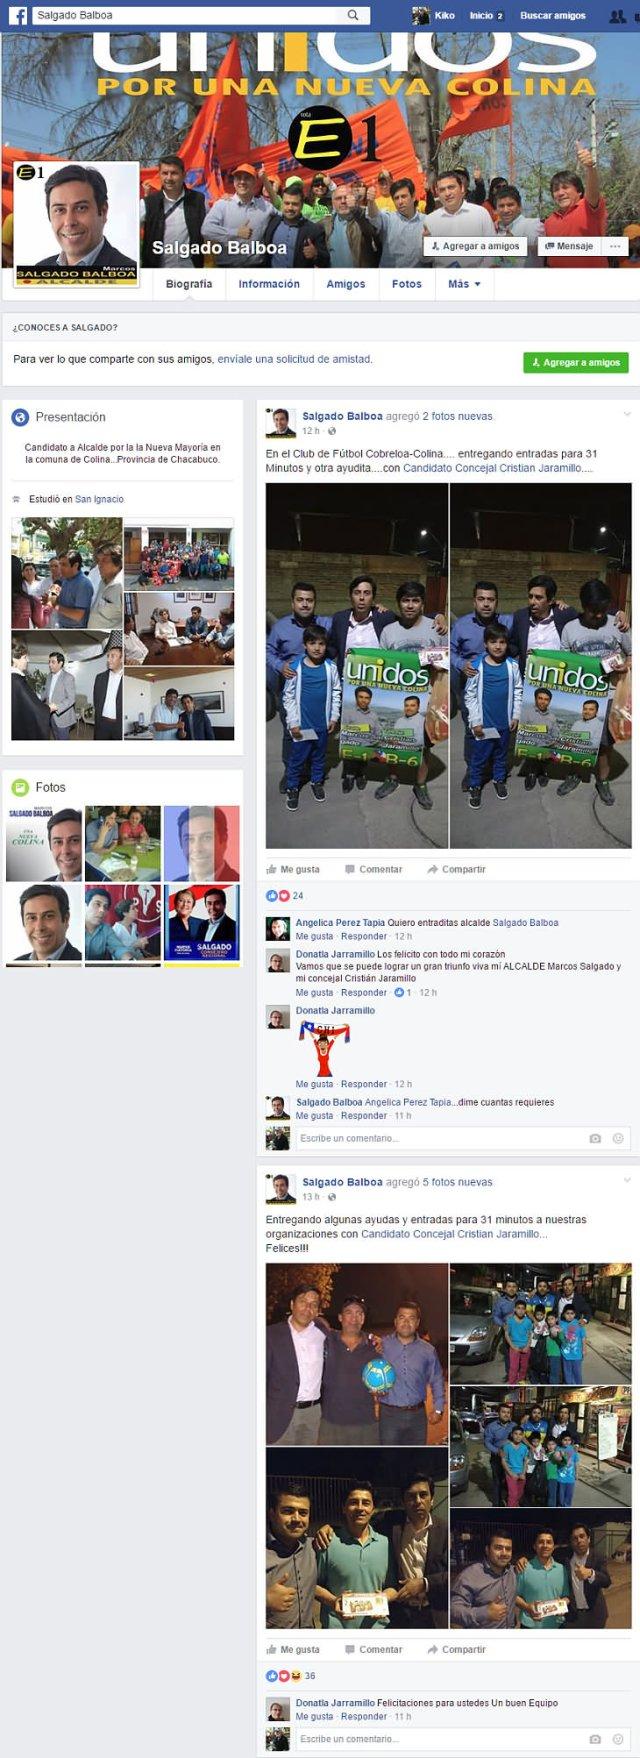 Perfil en Facebook del candidato Salgado